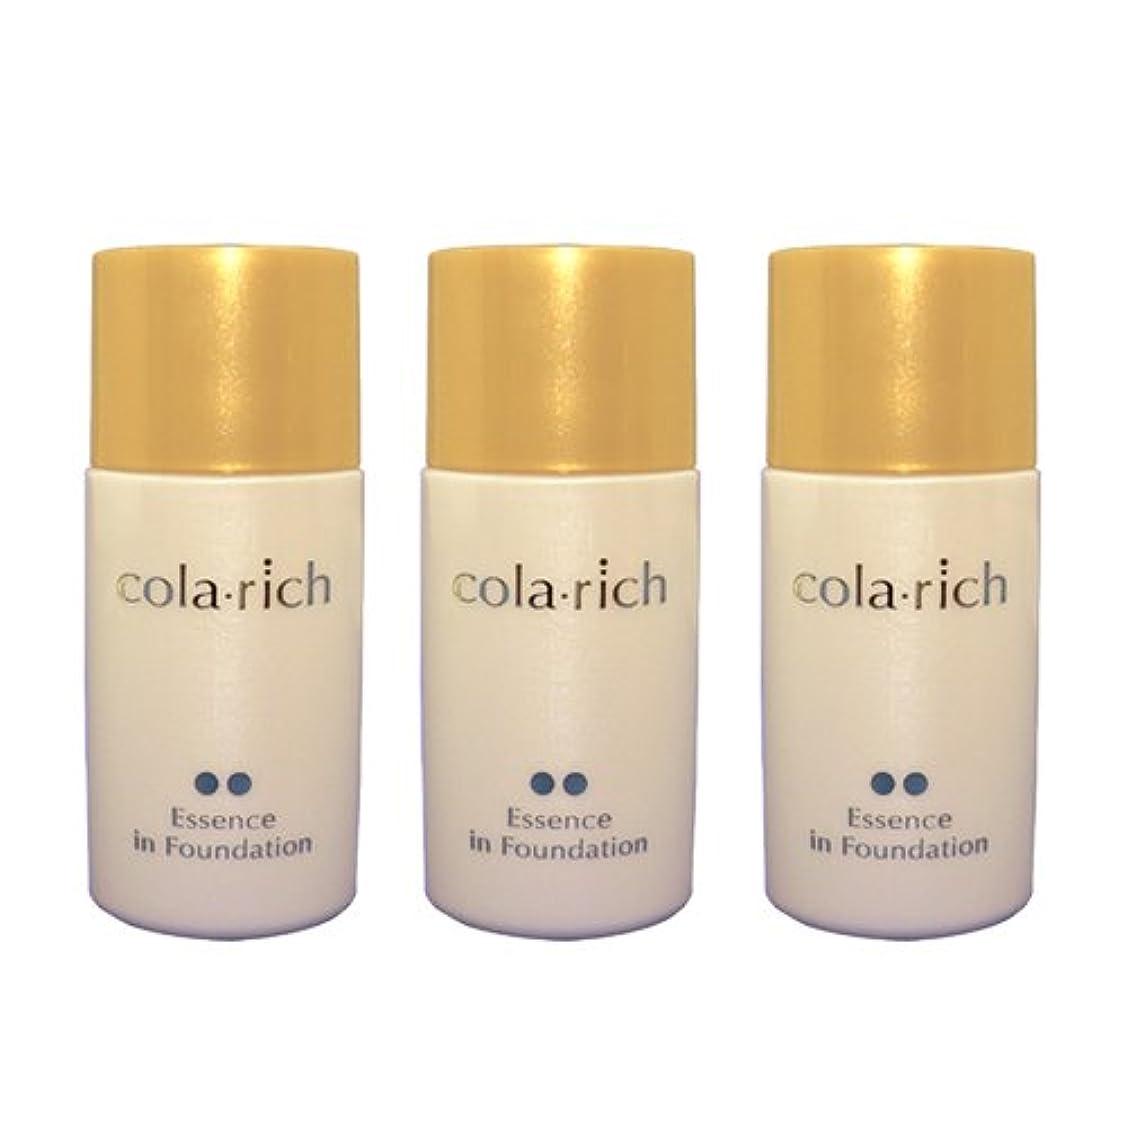 管理石膏実質的にコラリッチ 美容液ファンデーション 3個まとめ買い (健康肌用)/キューサイ